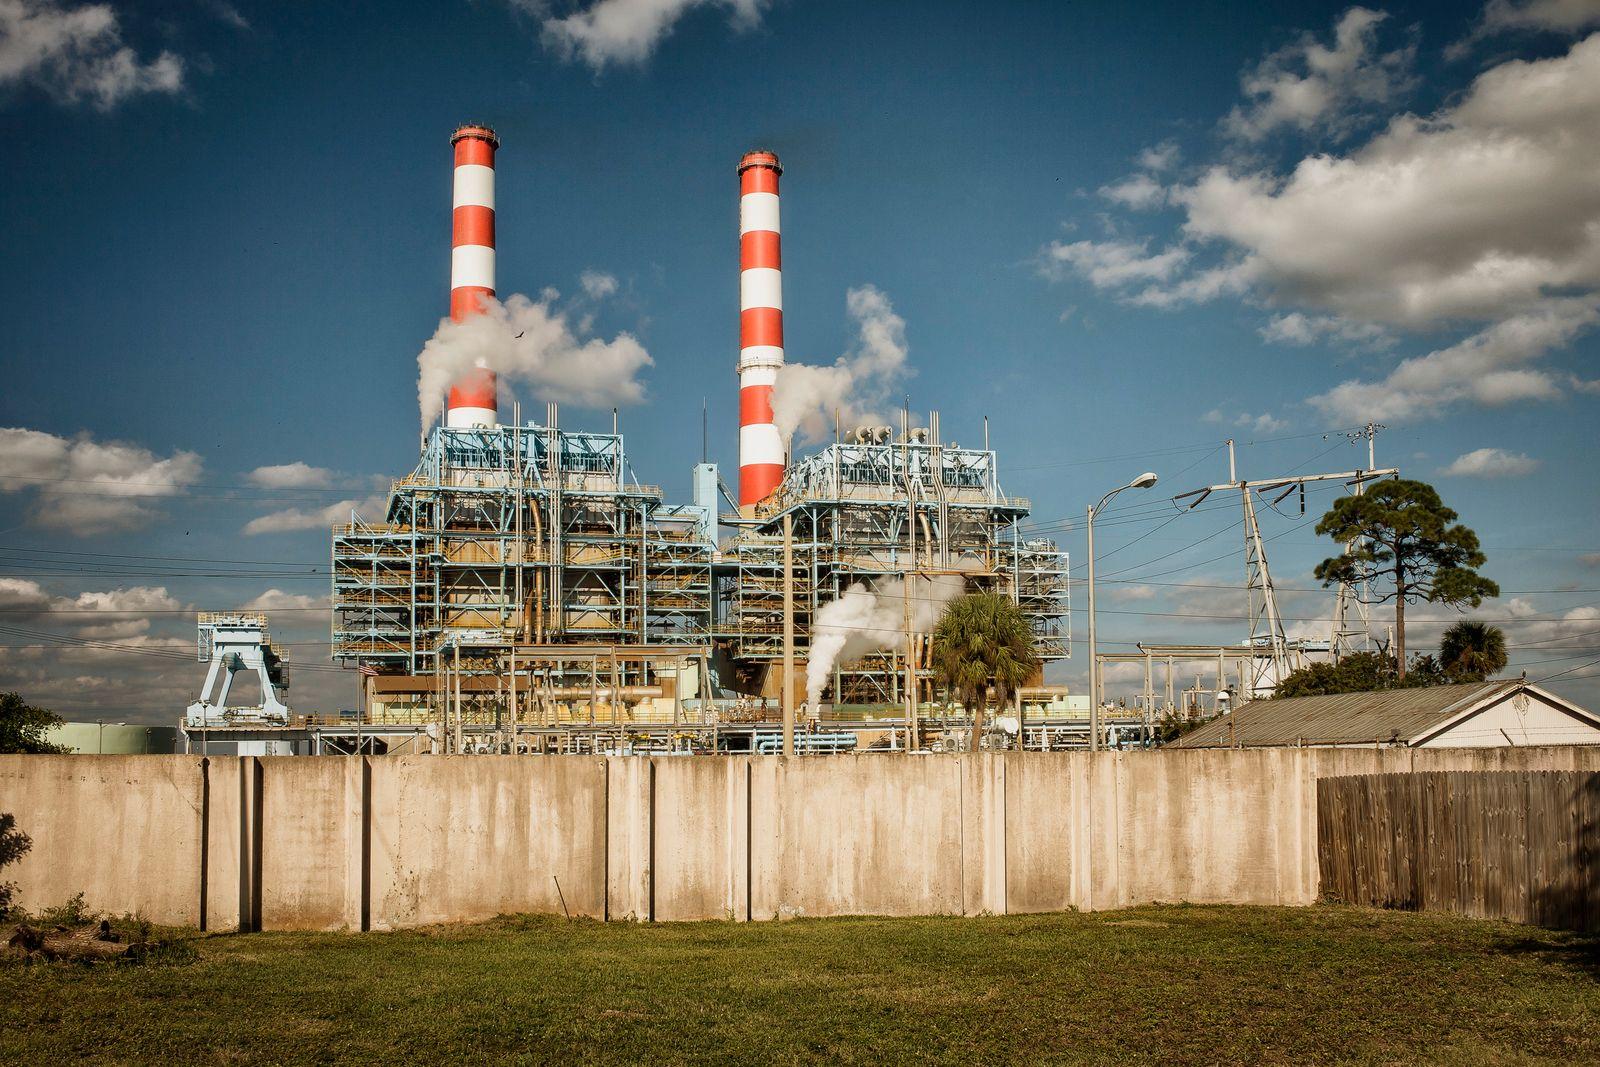 NICHT MEHR VERWENDEN! - Energieversorger in Florida, USA / Stromversorger